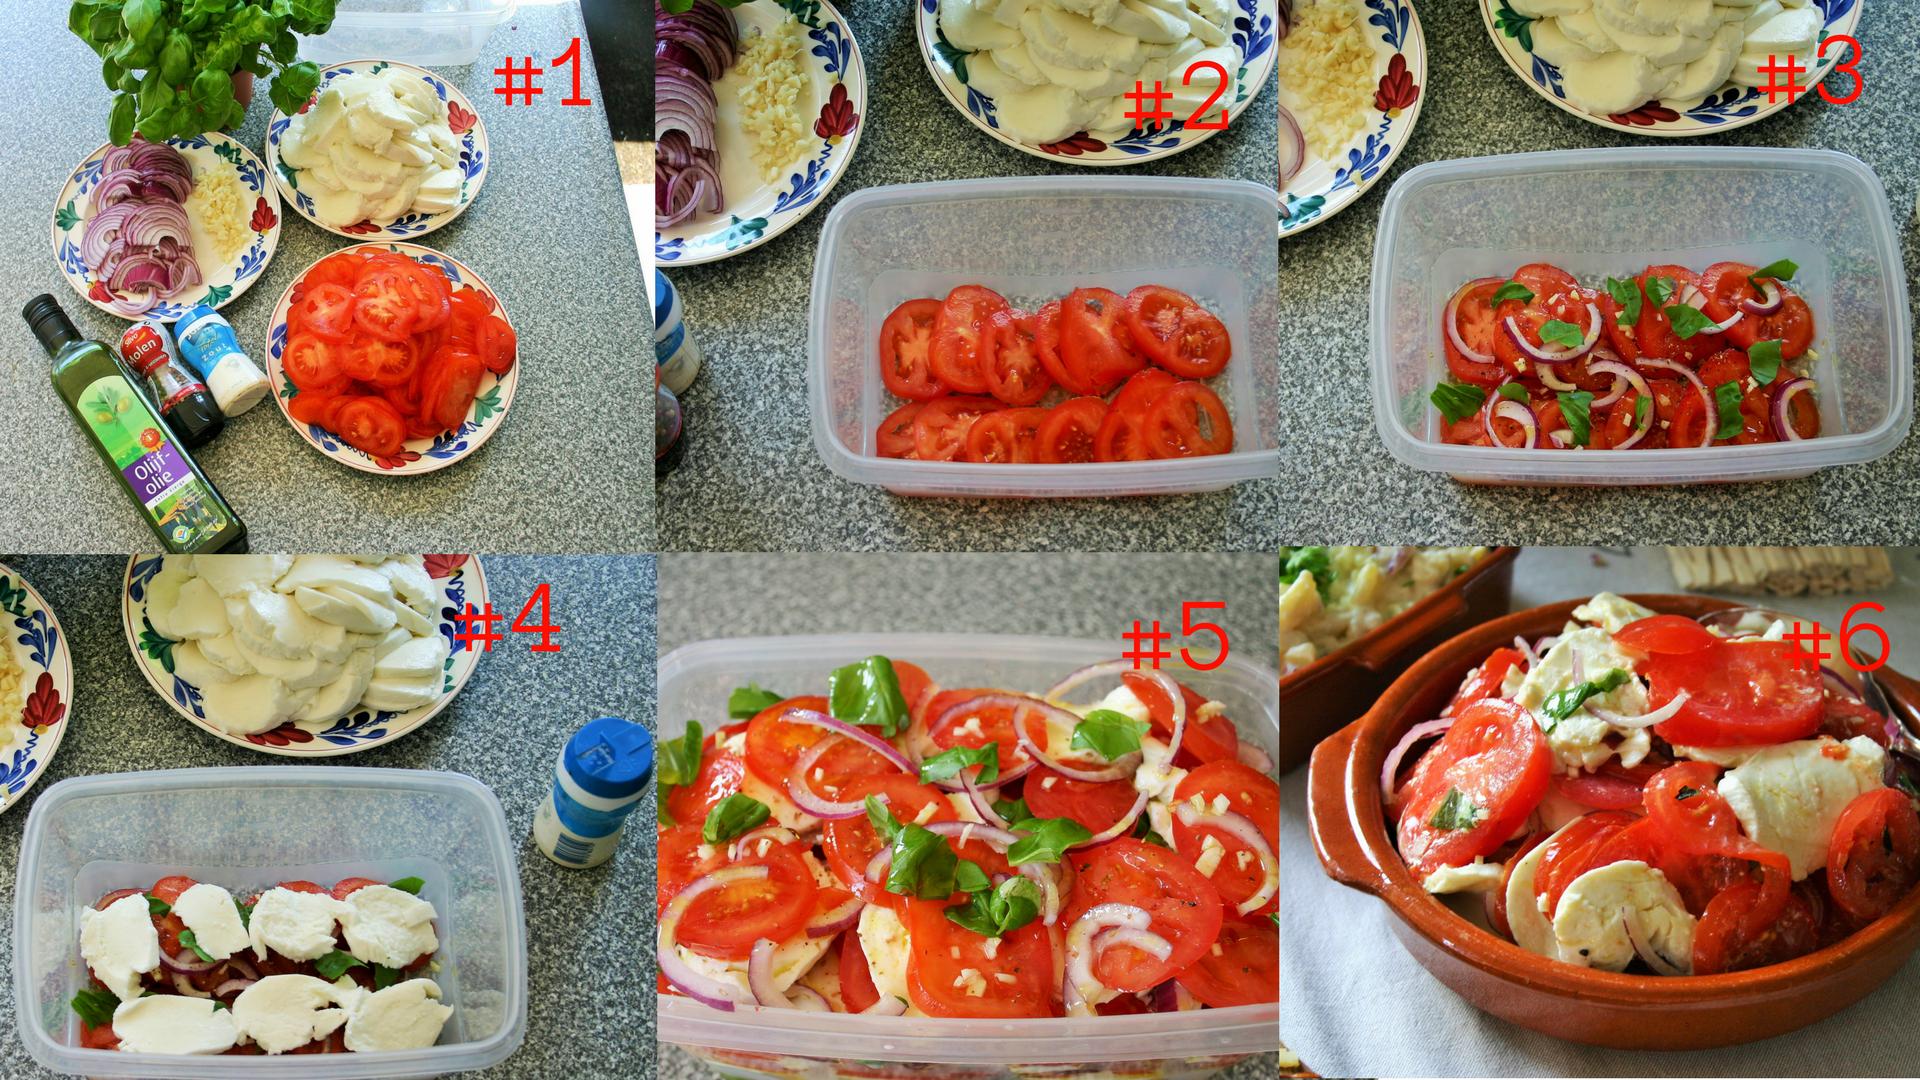 en basilicum - tapasfeestje - camping recept - BBQ salade - Mels Feestje